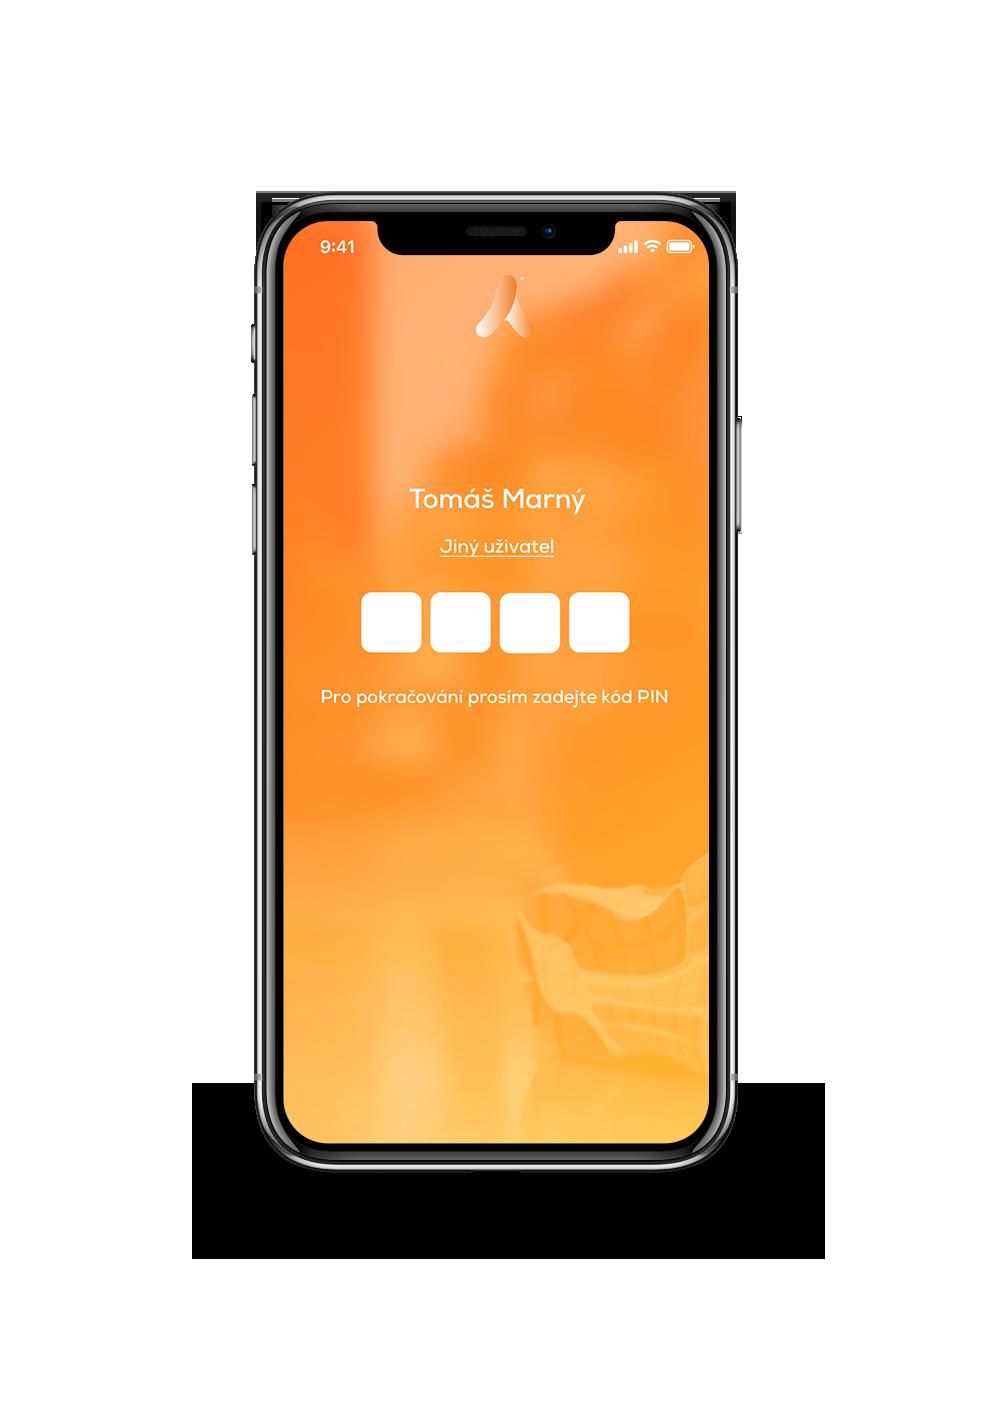 Přihlášení do aplikace ActivePass